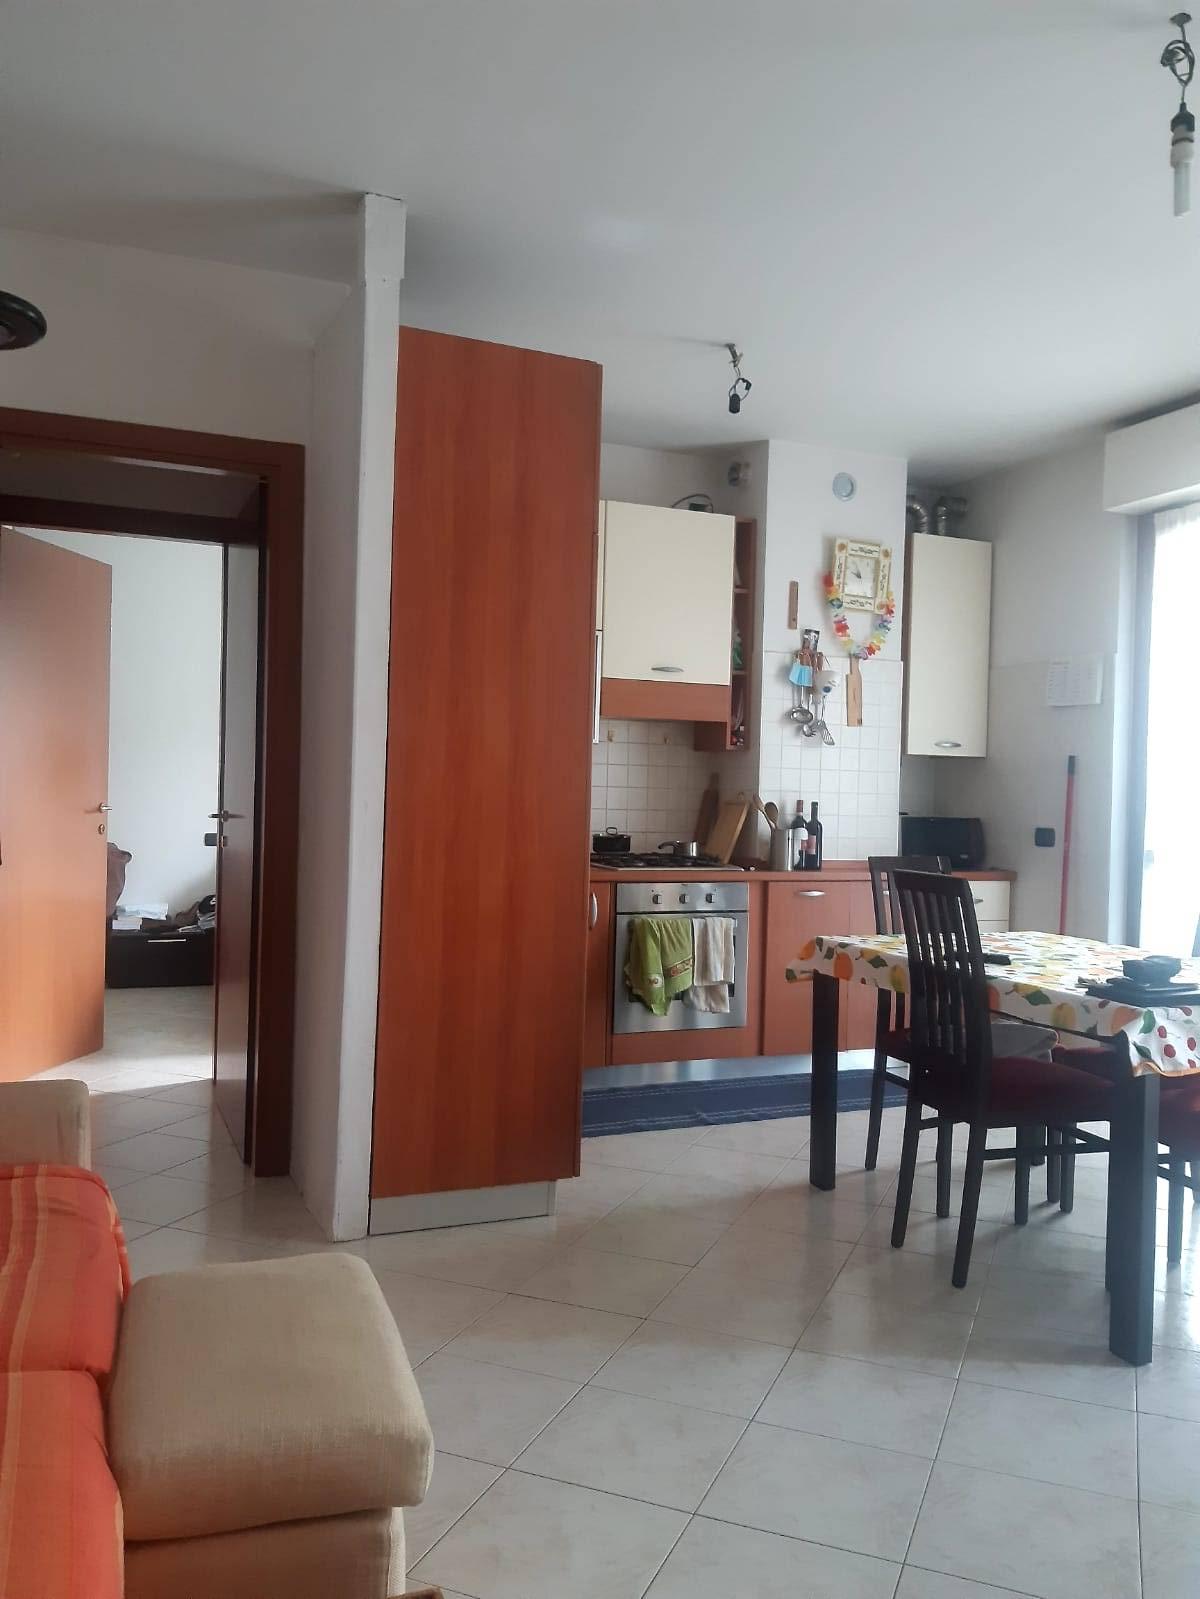 Appartamento in vendita a Turate, 2 locali, prezzo € 122.000   CambioCasa.it